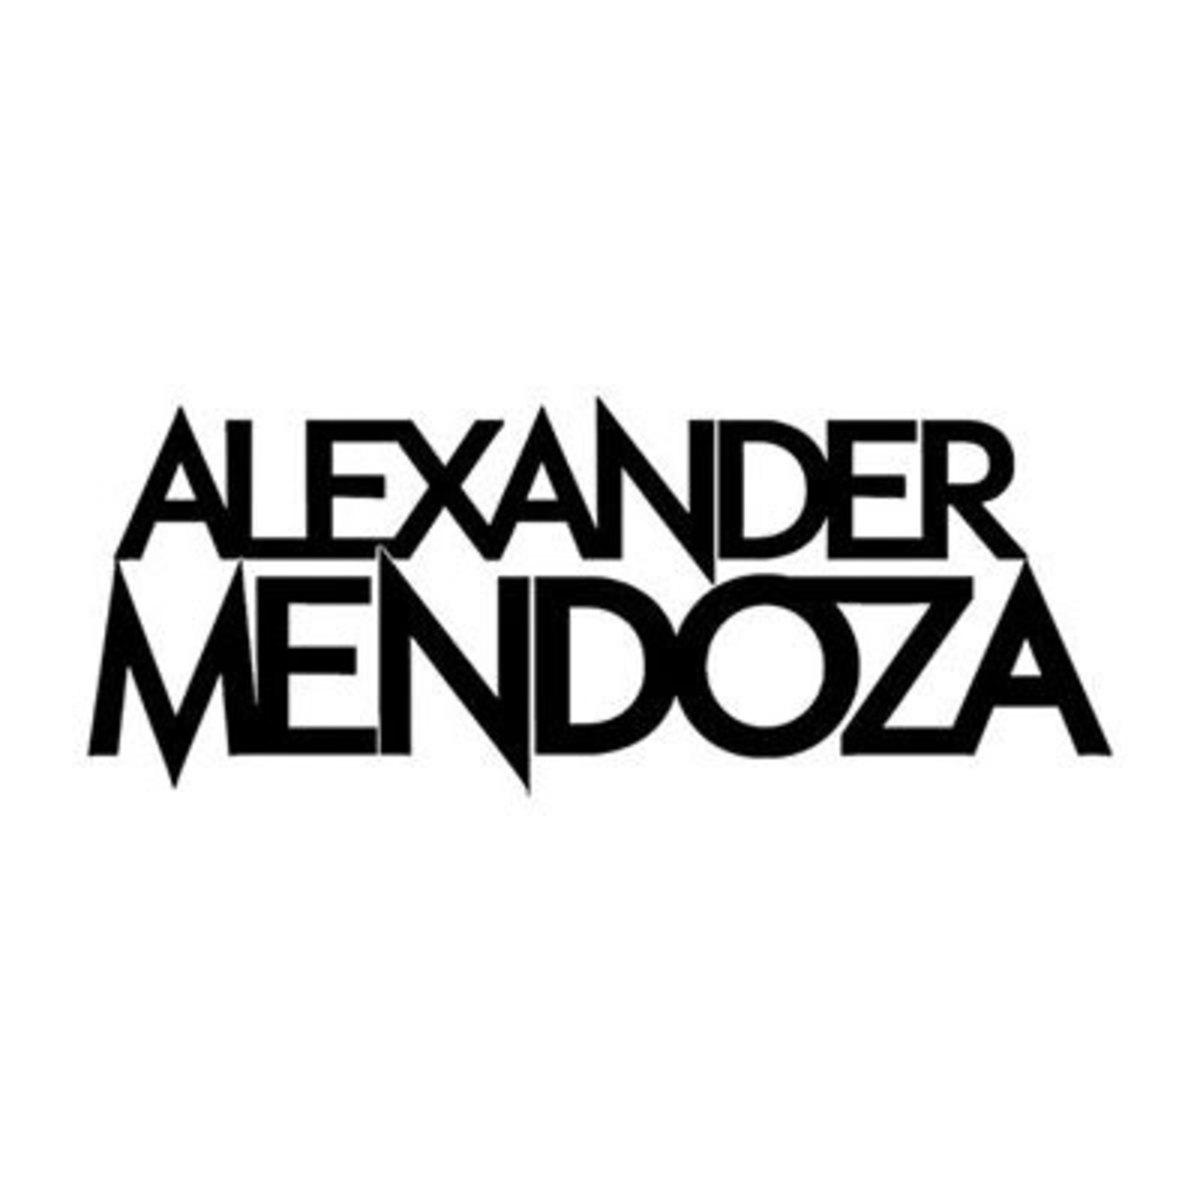 alexandermendoza.jpg